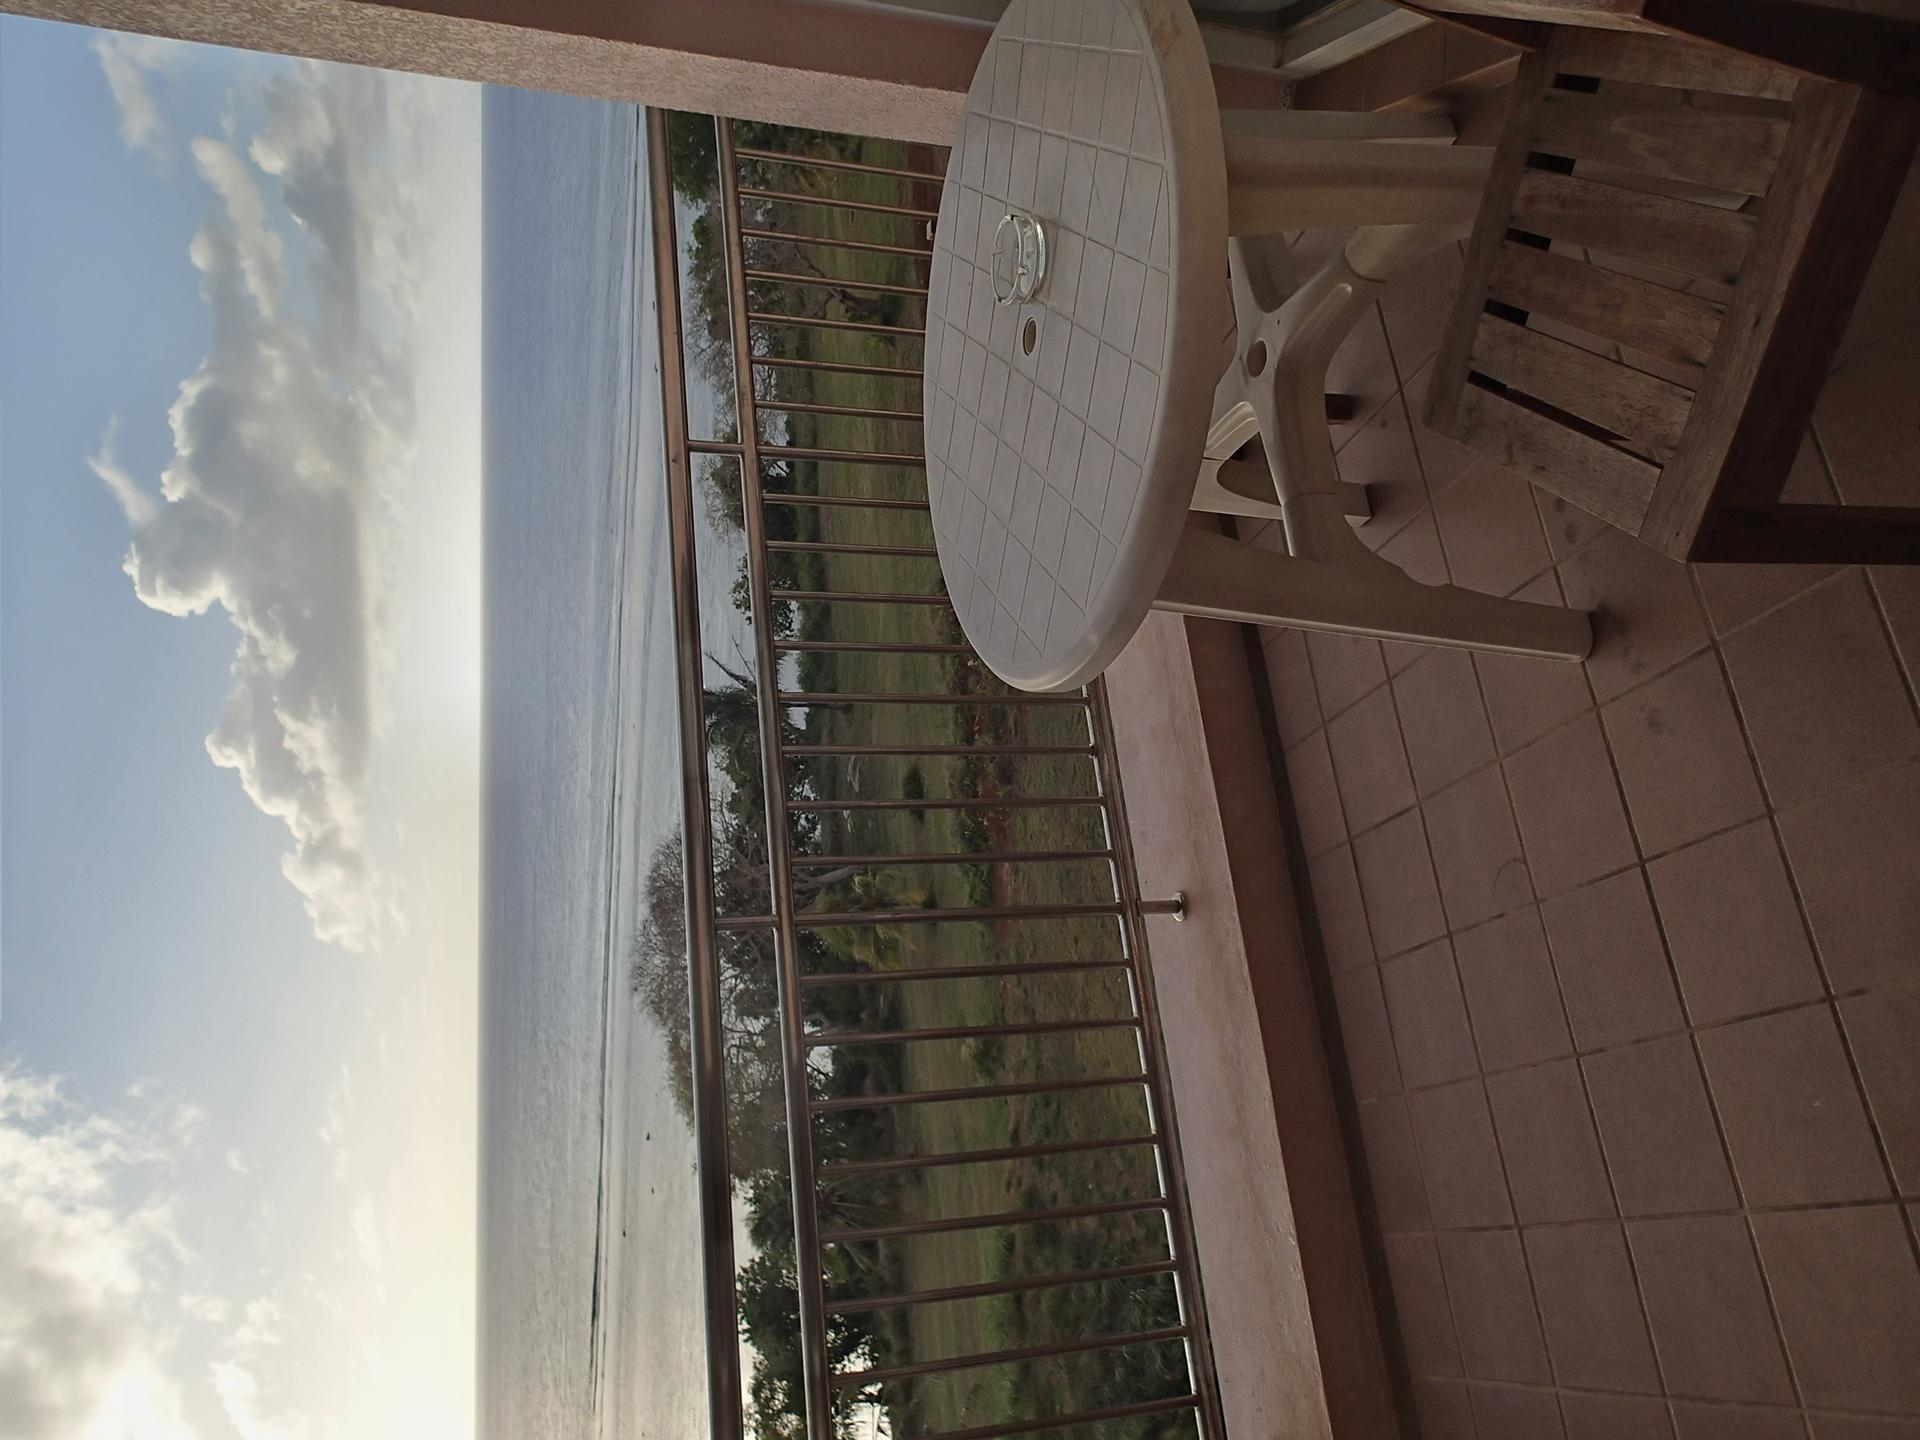 4階ベランダからの眺め。夕日がきれいだった。左がコンバータレンズなしでの広角端(25mm相当)、右がフィッシュアイコンバーターレンズ装着時(18.5mm相当)での撮影。